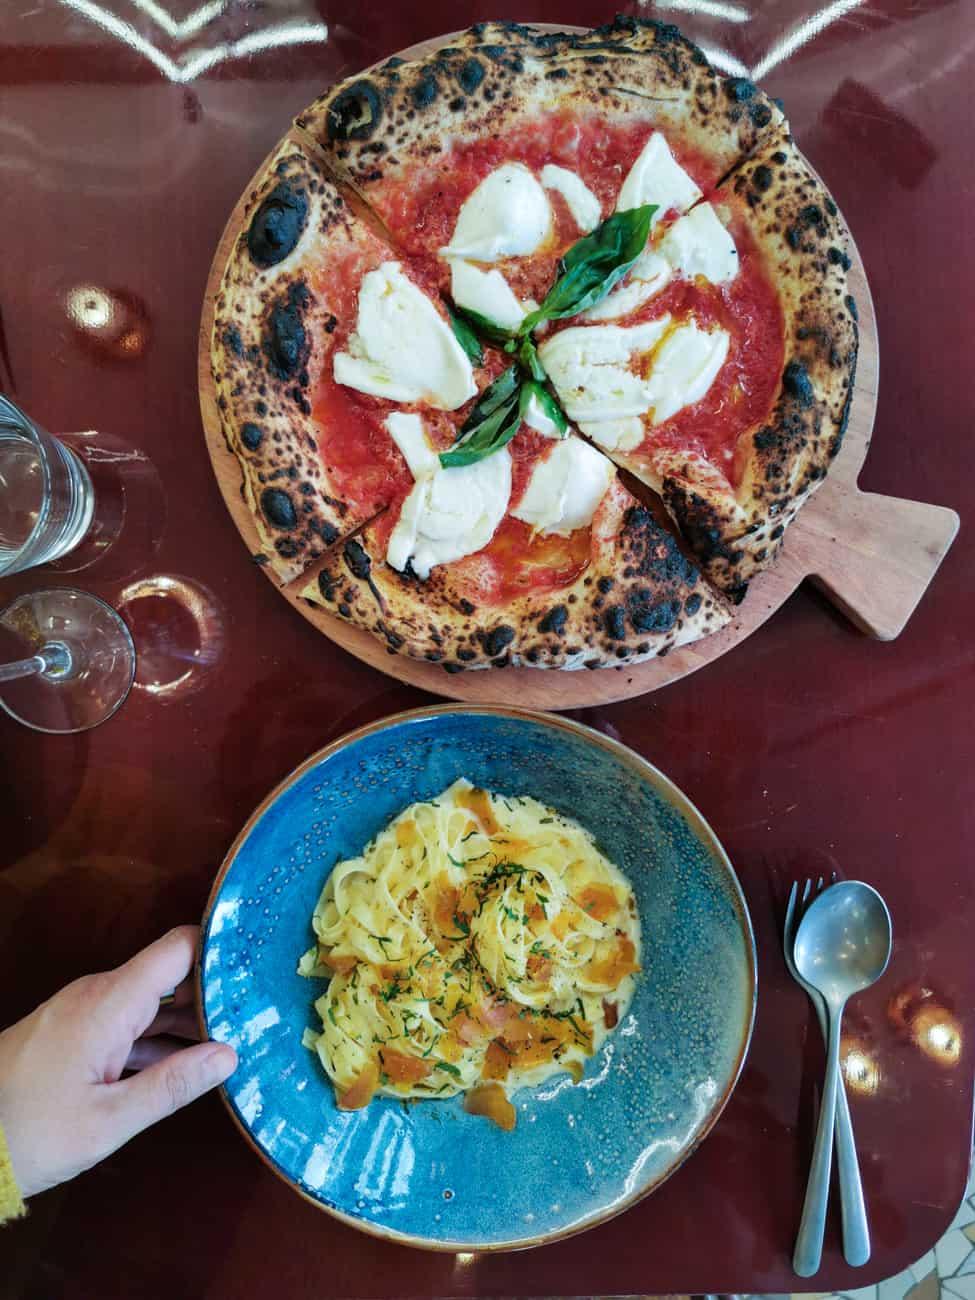 uno-restaurant-italien-pizzeria-les-halles-paris-17